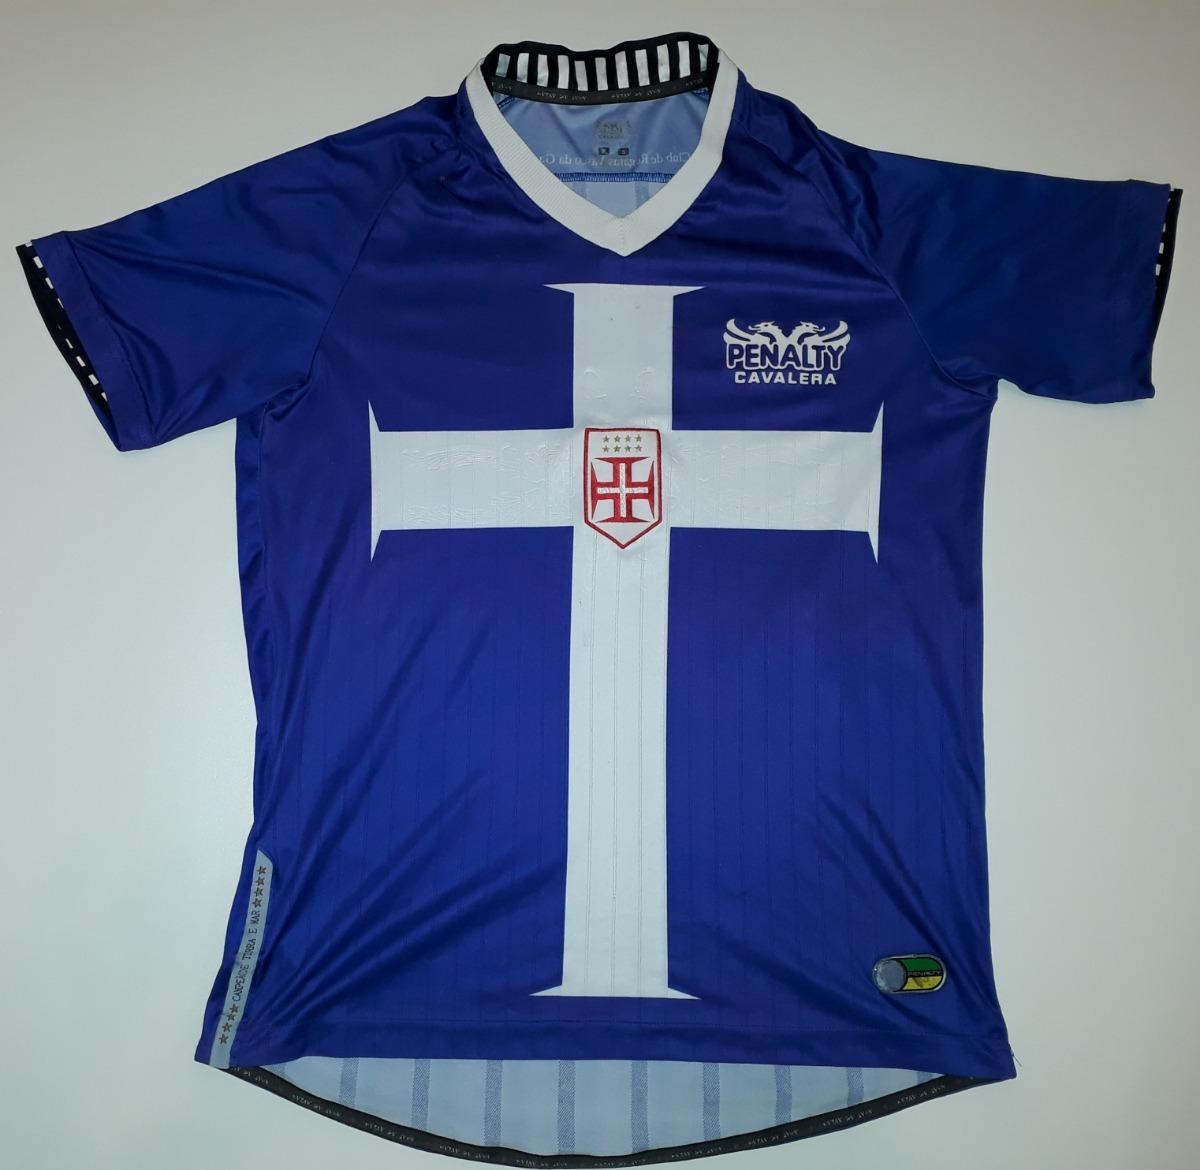 300bde73d0 camisa vasco cavalera penalty templária azul 2012 - 89. Carregando zoom.